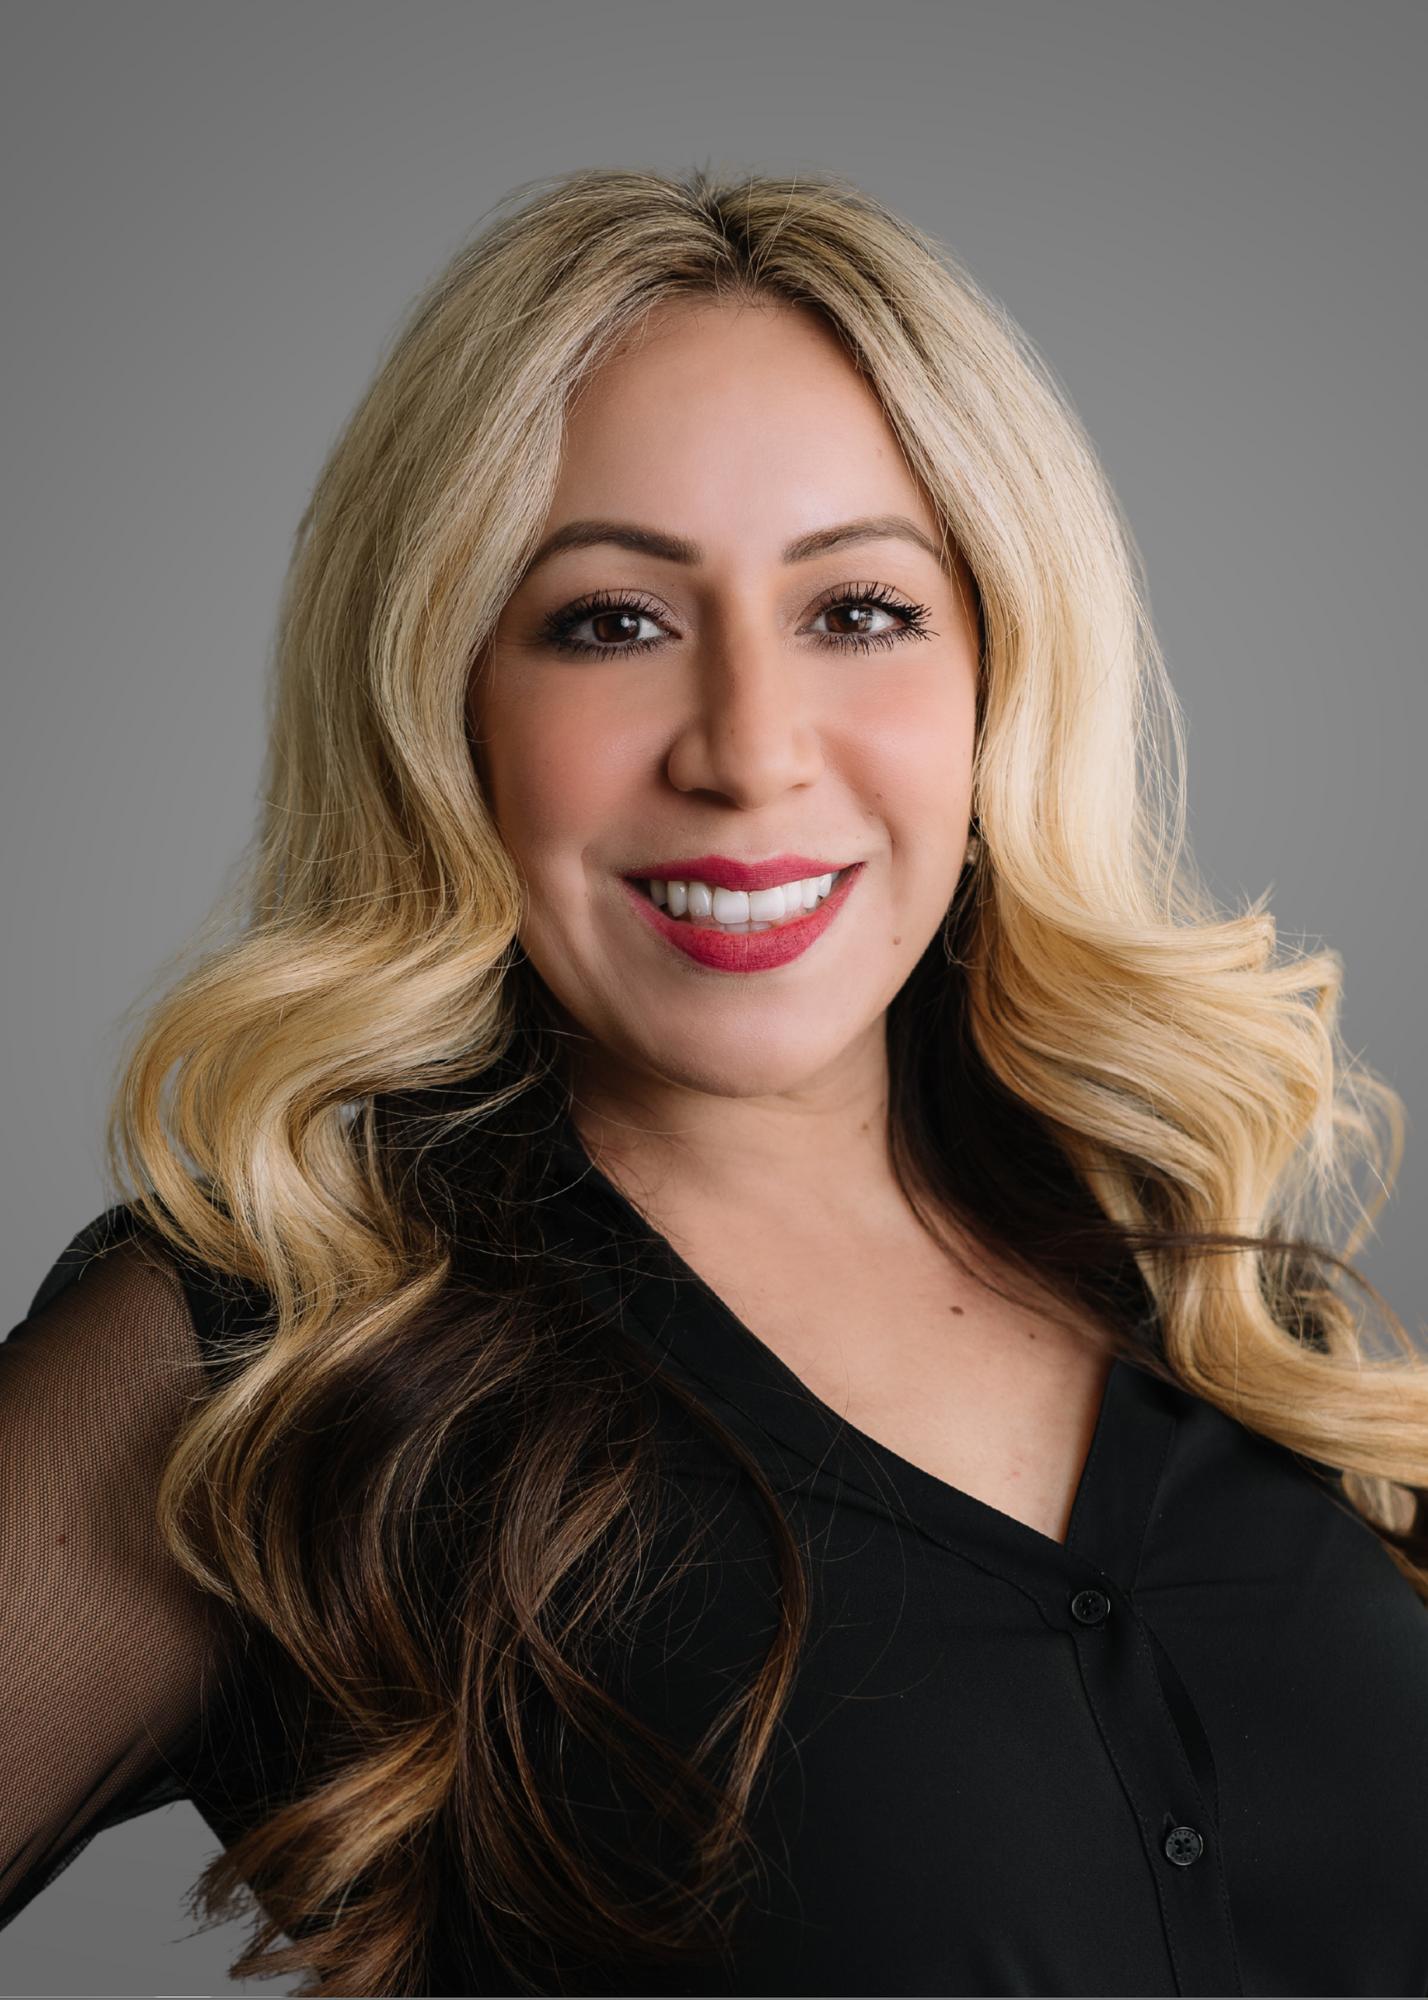 Monique Castro